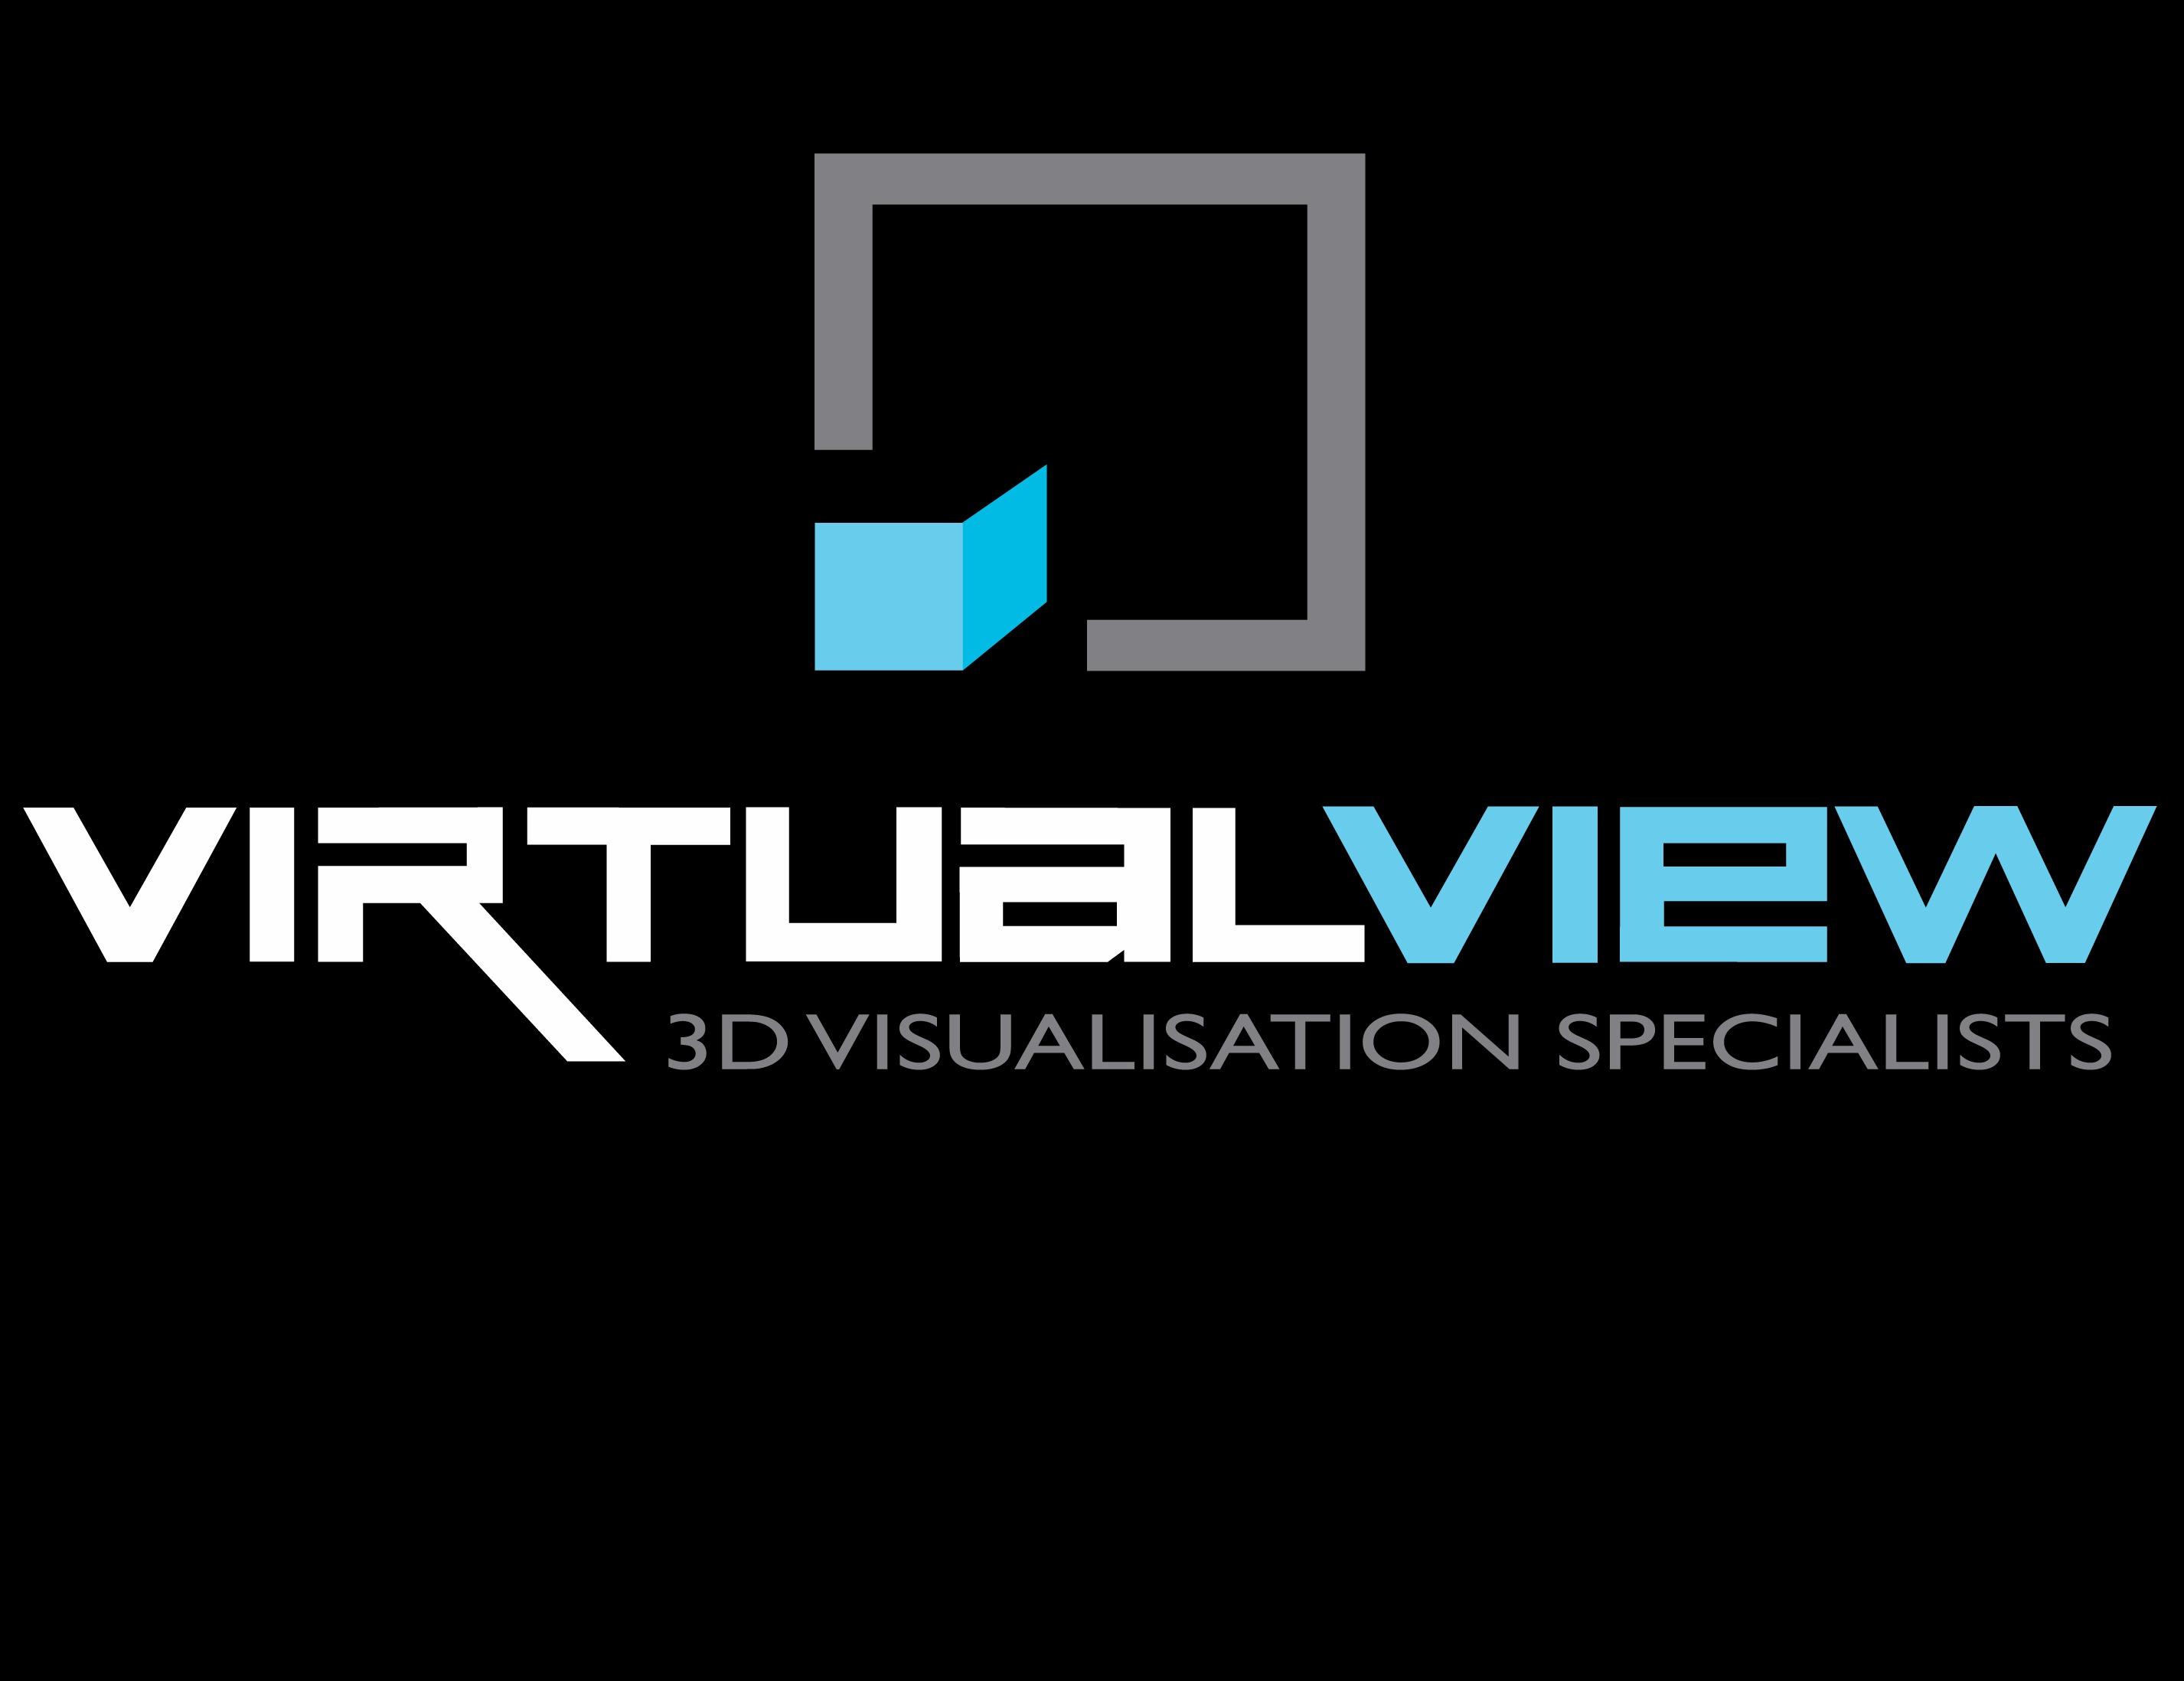 Virtual View